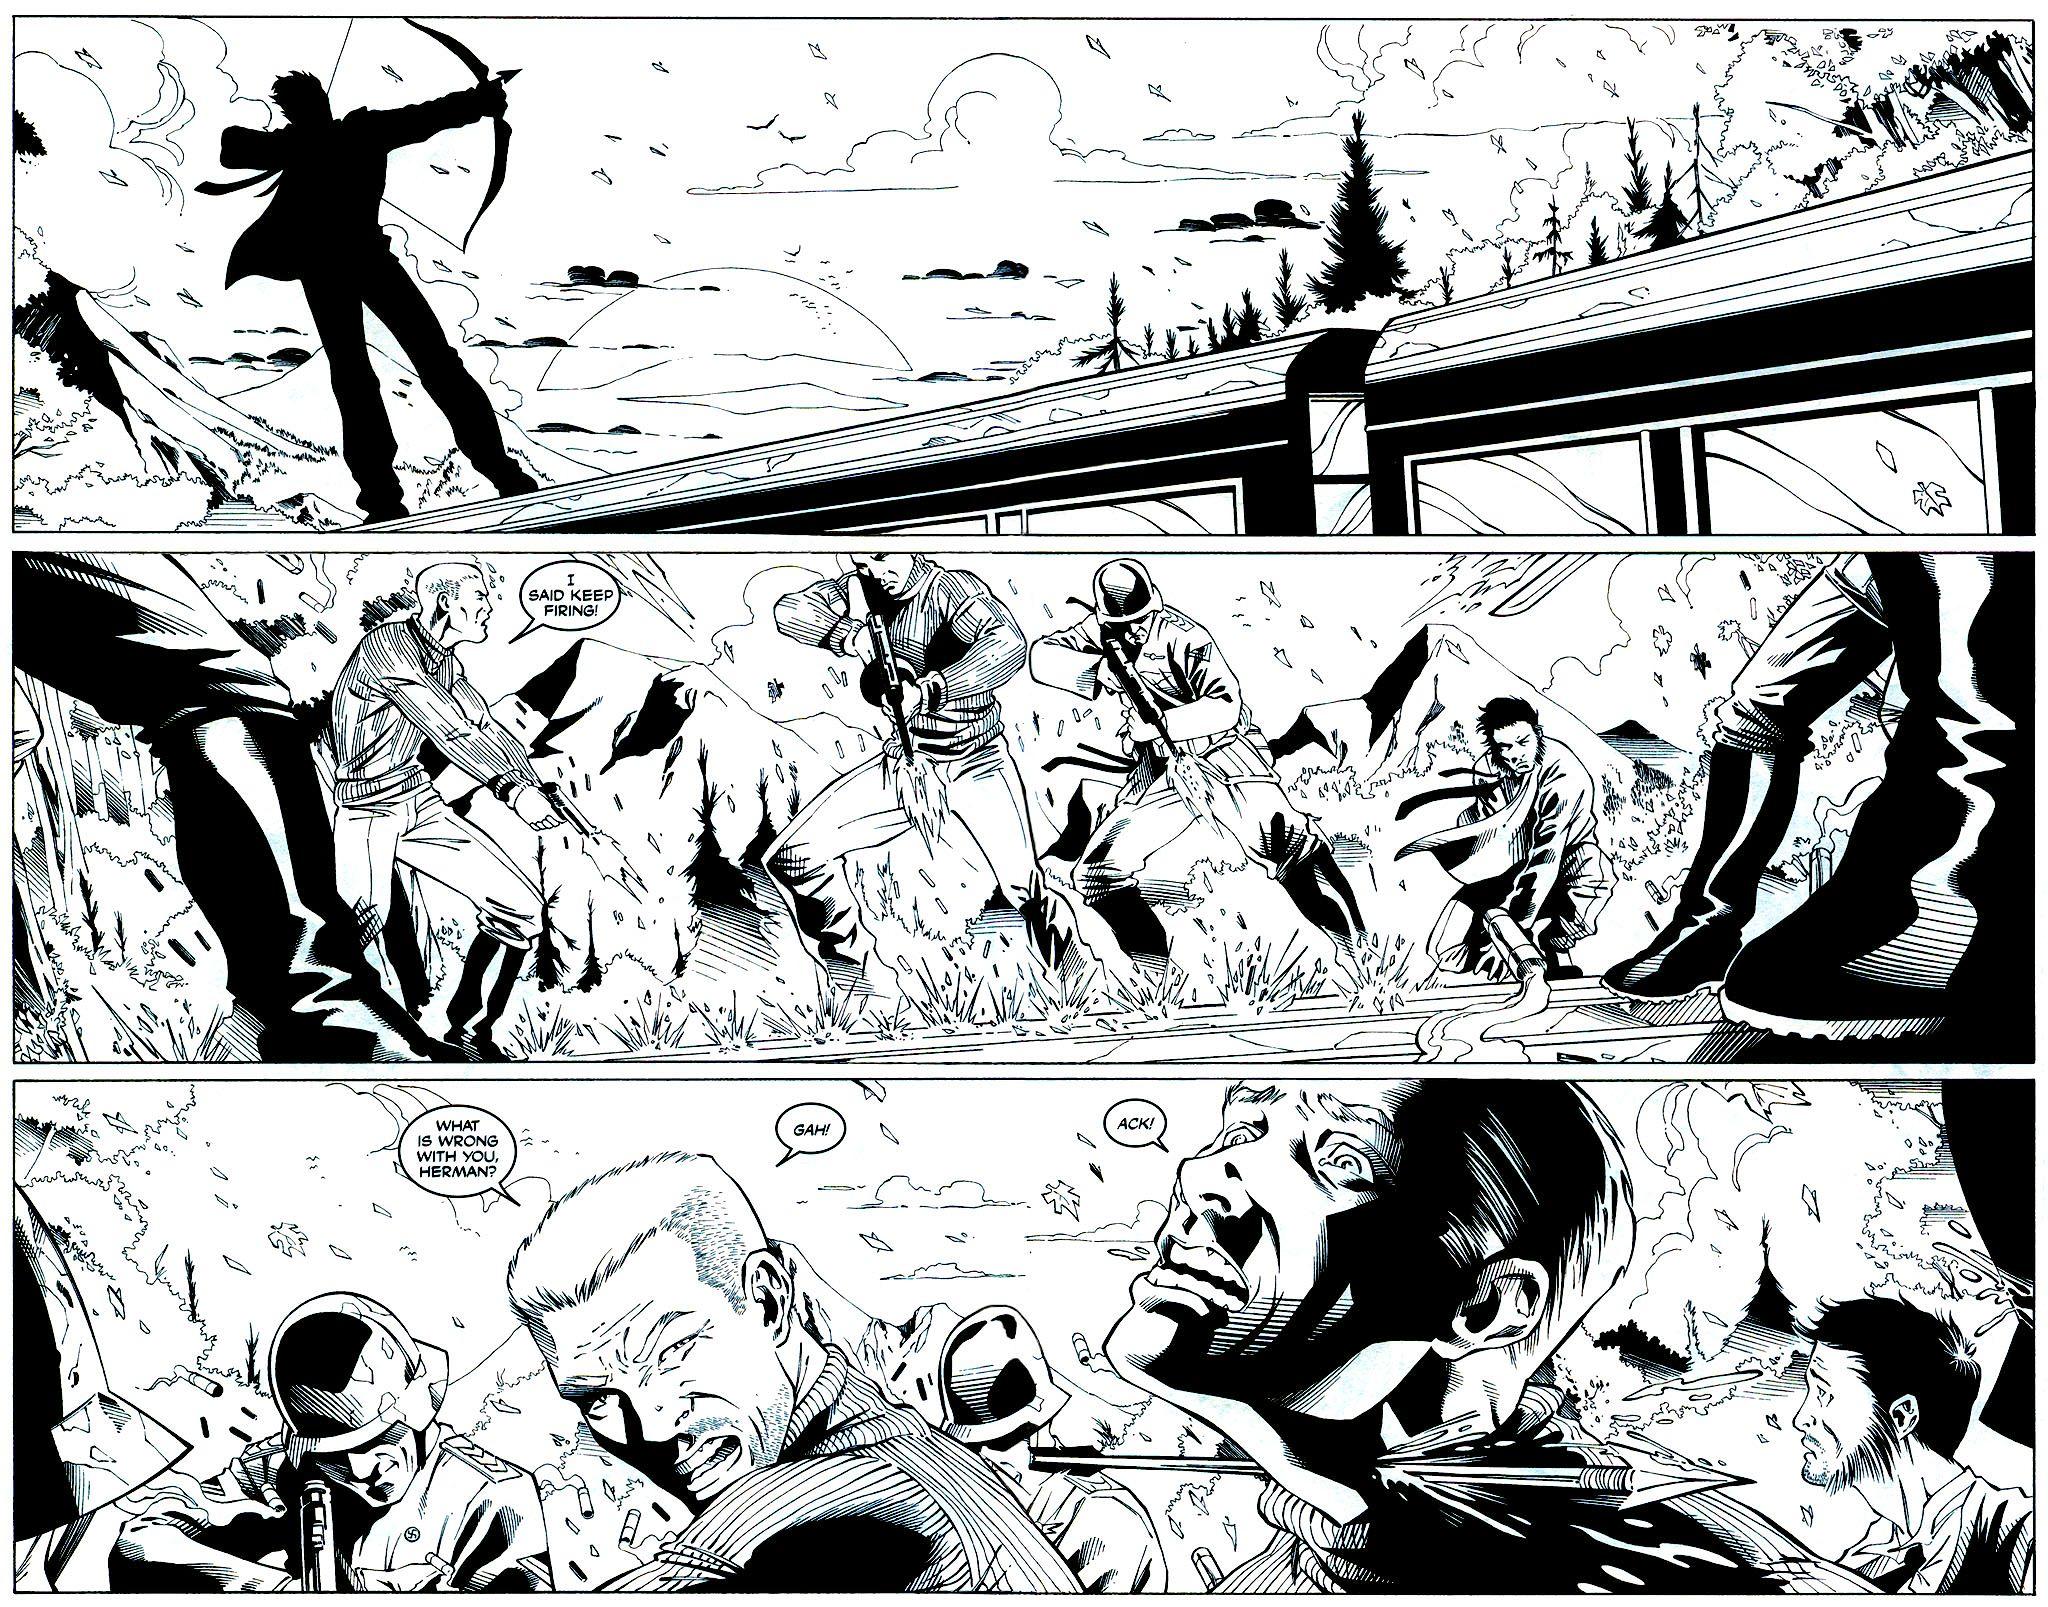 Read online Shi: Sempo comic -  Issue #2 - 13